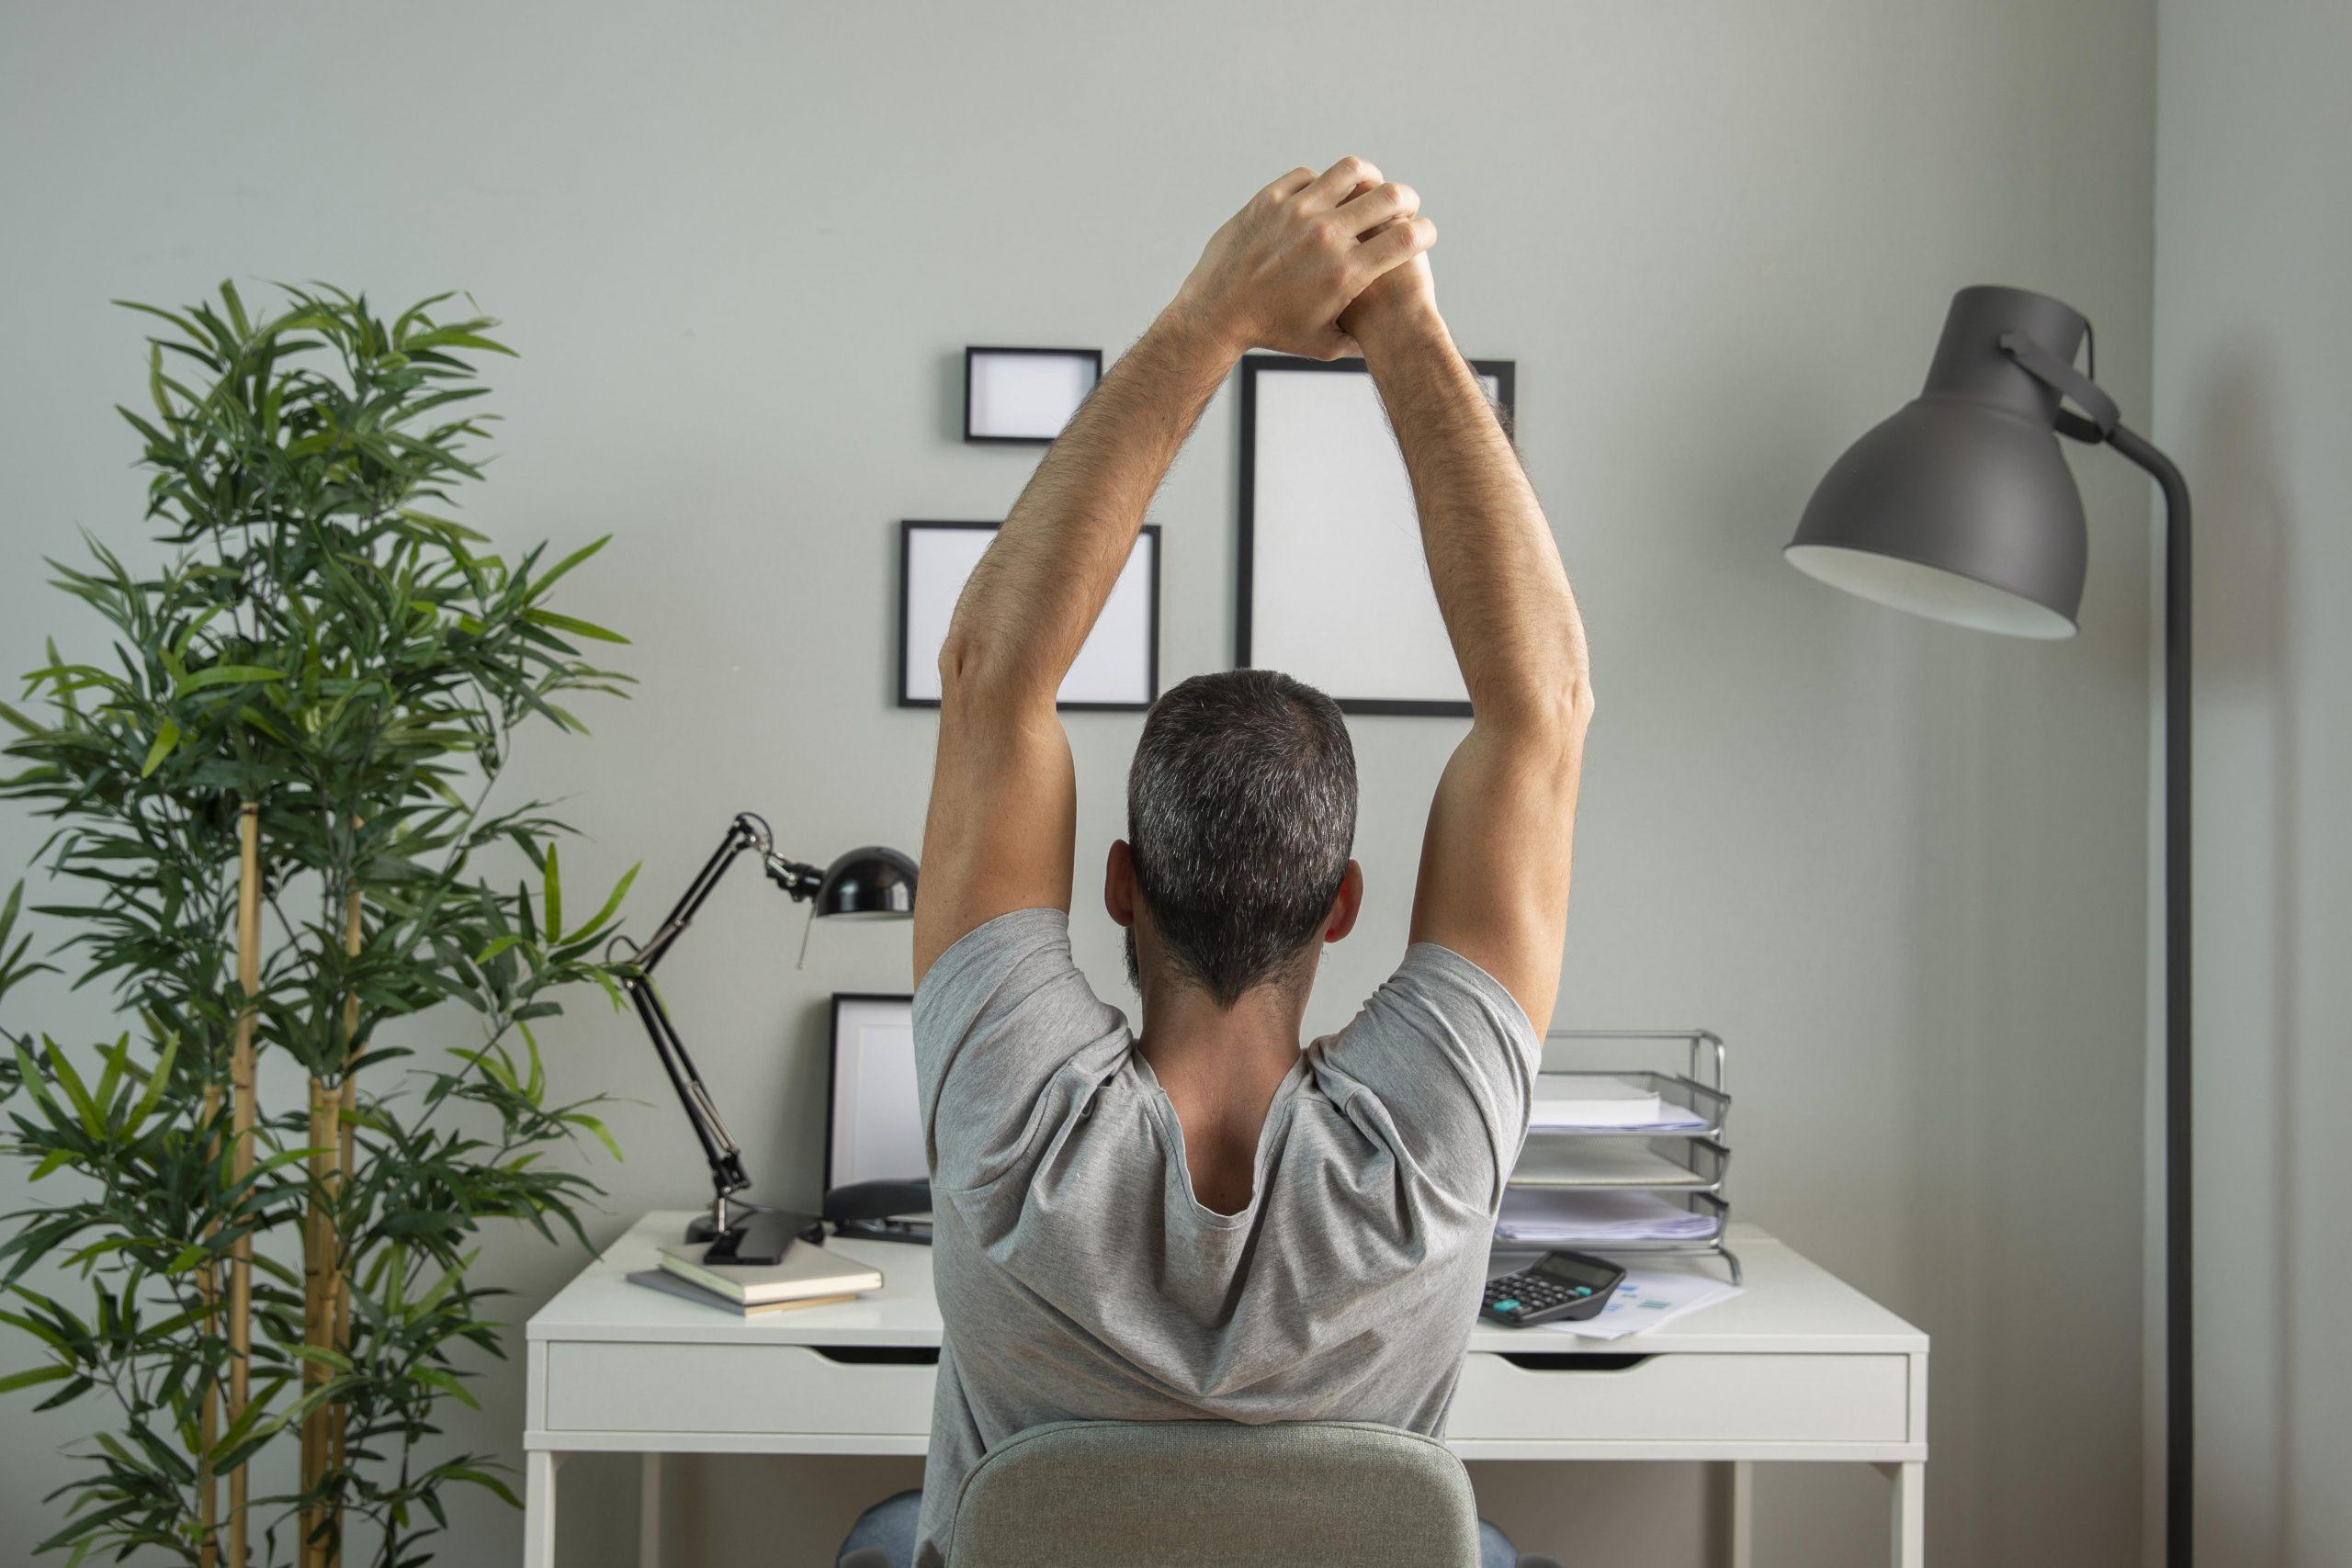 Acidente de trabalho em home office